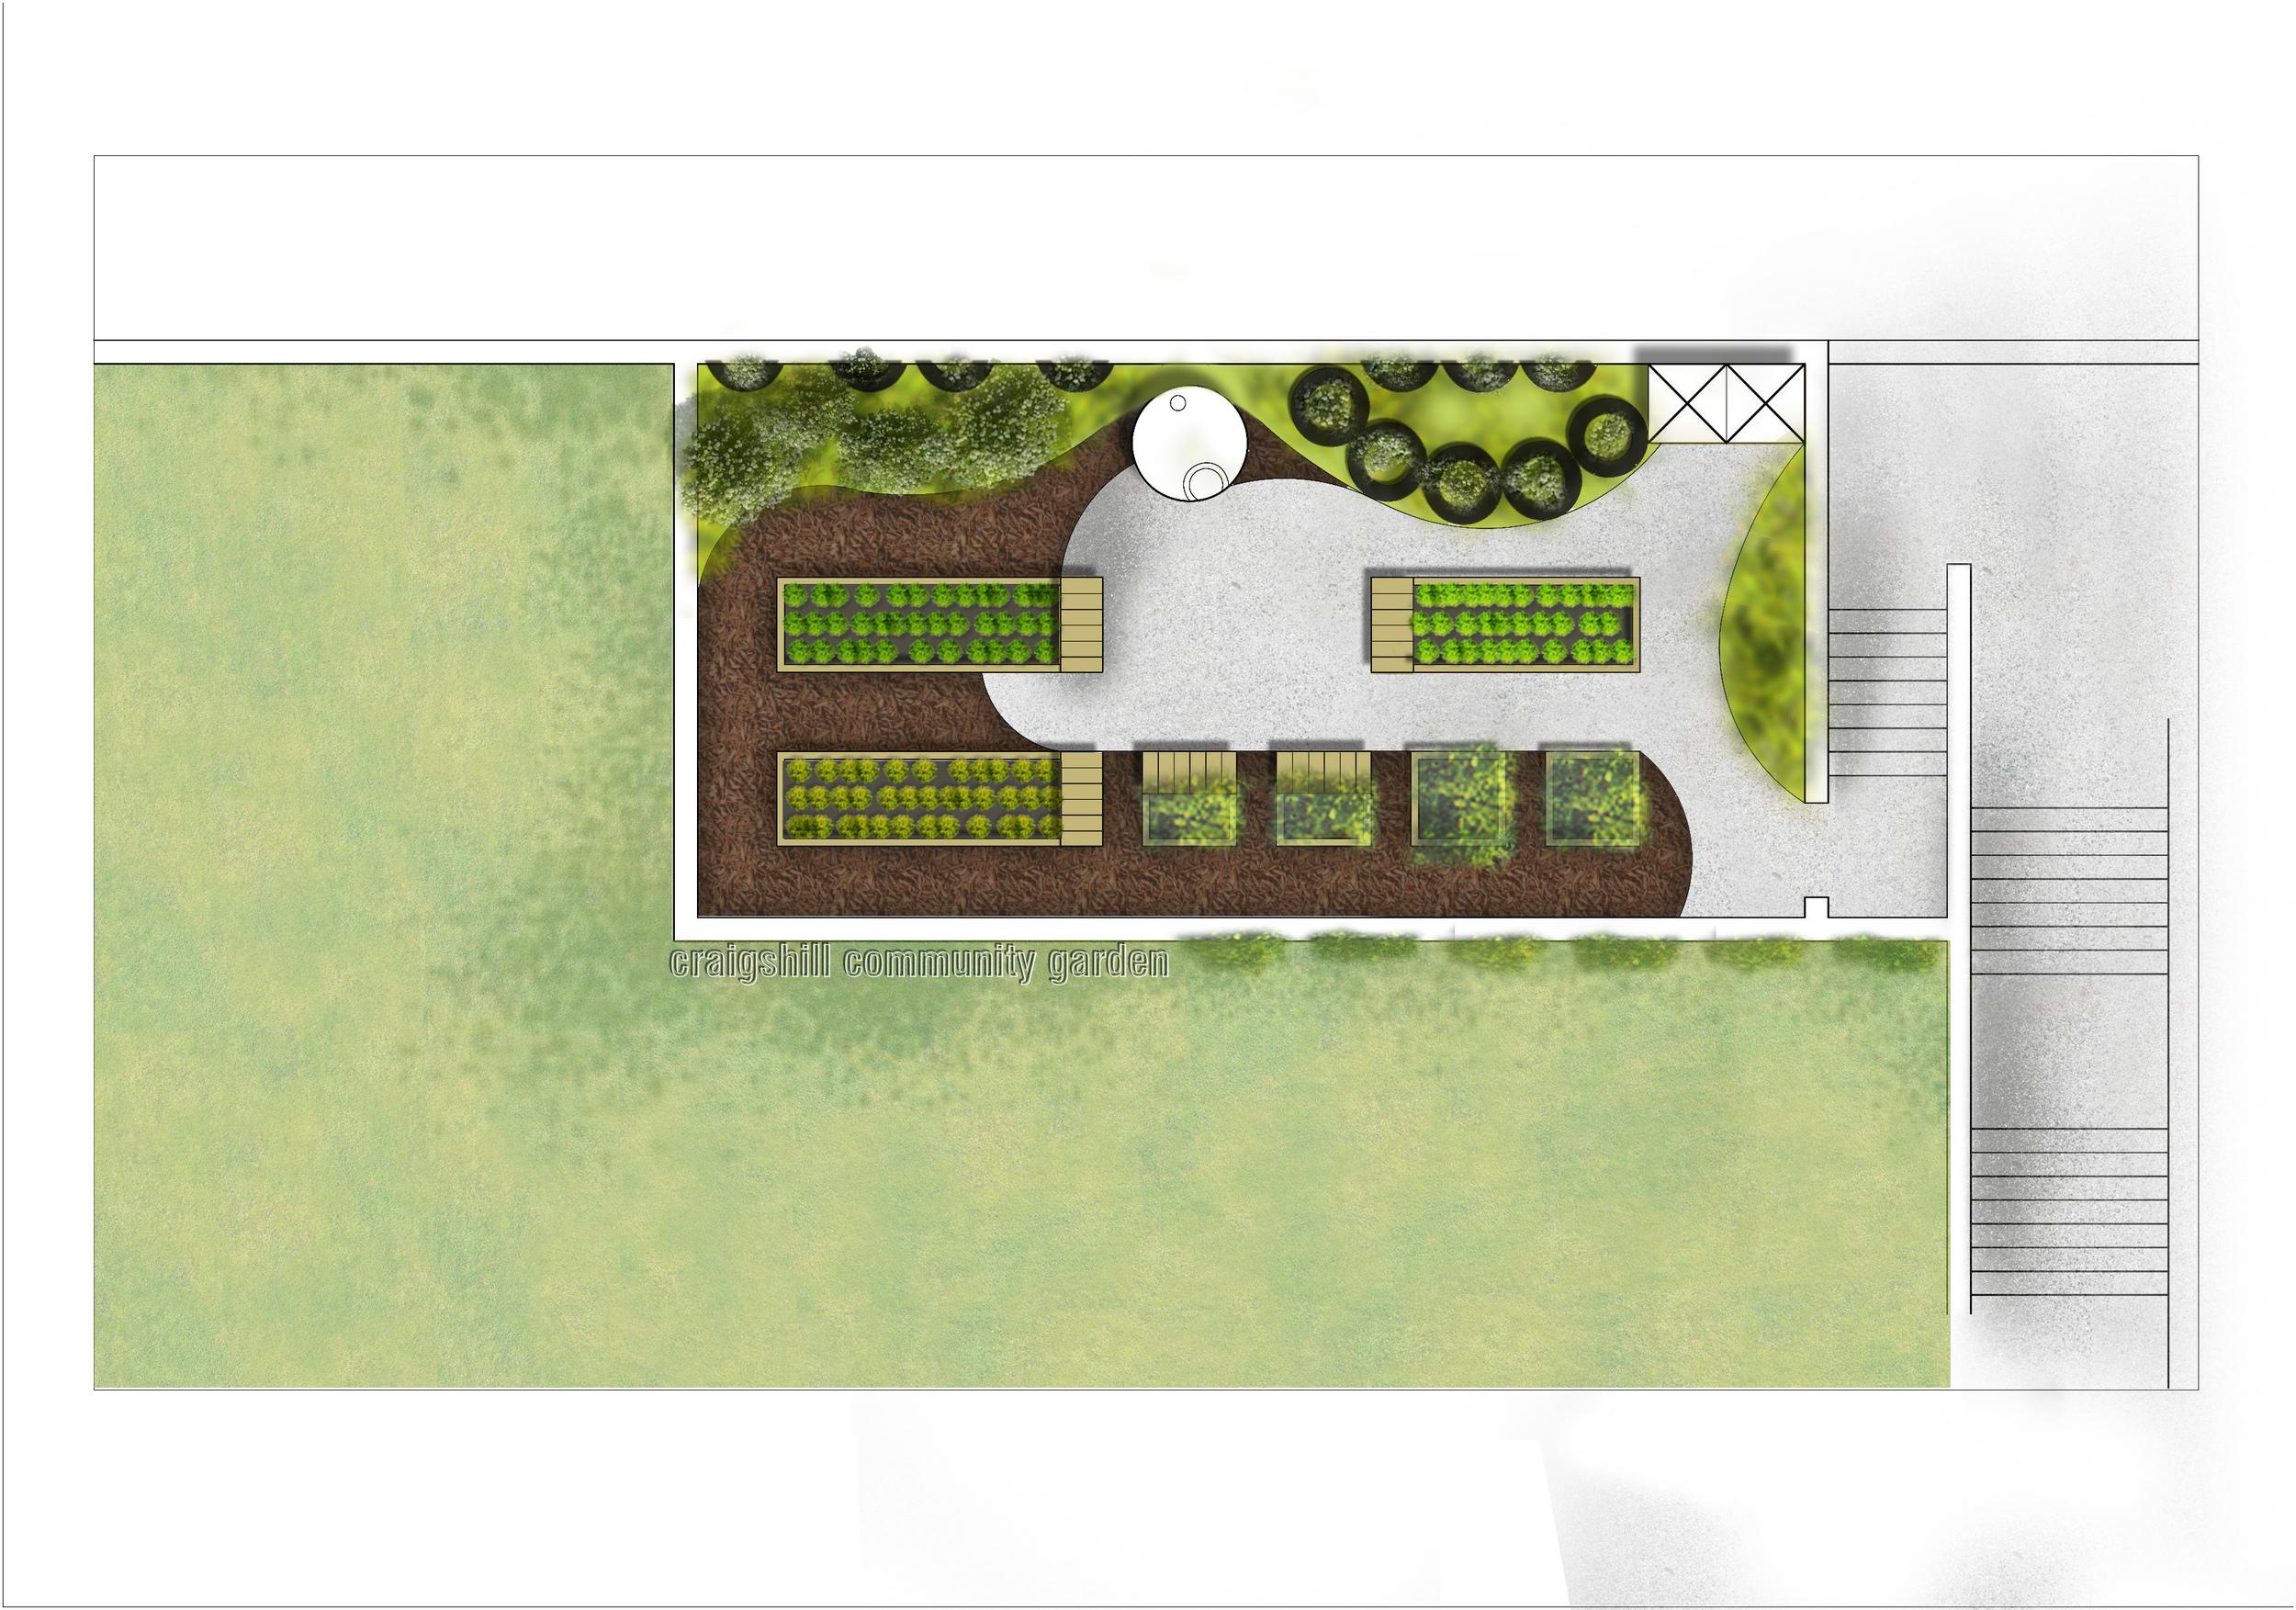 160412_YAP garden layout_illustrative.jpg